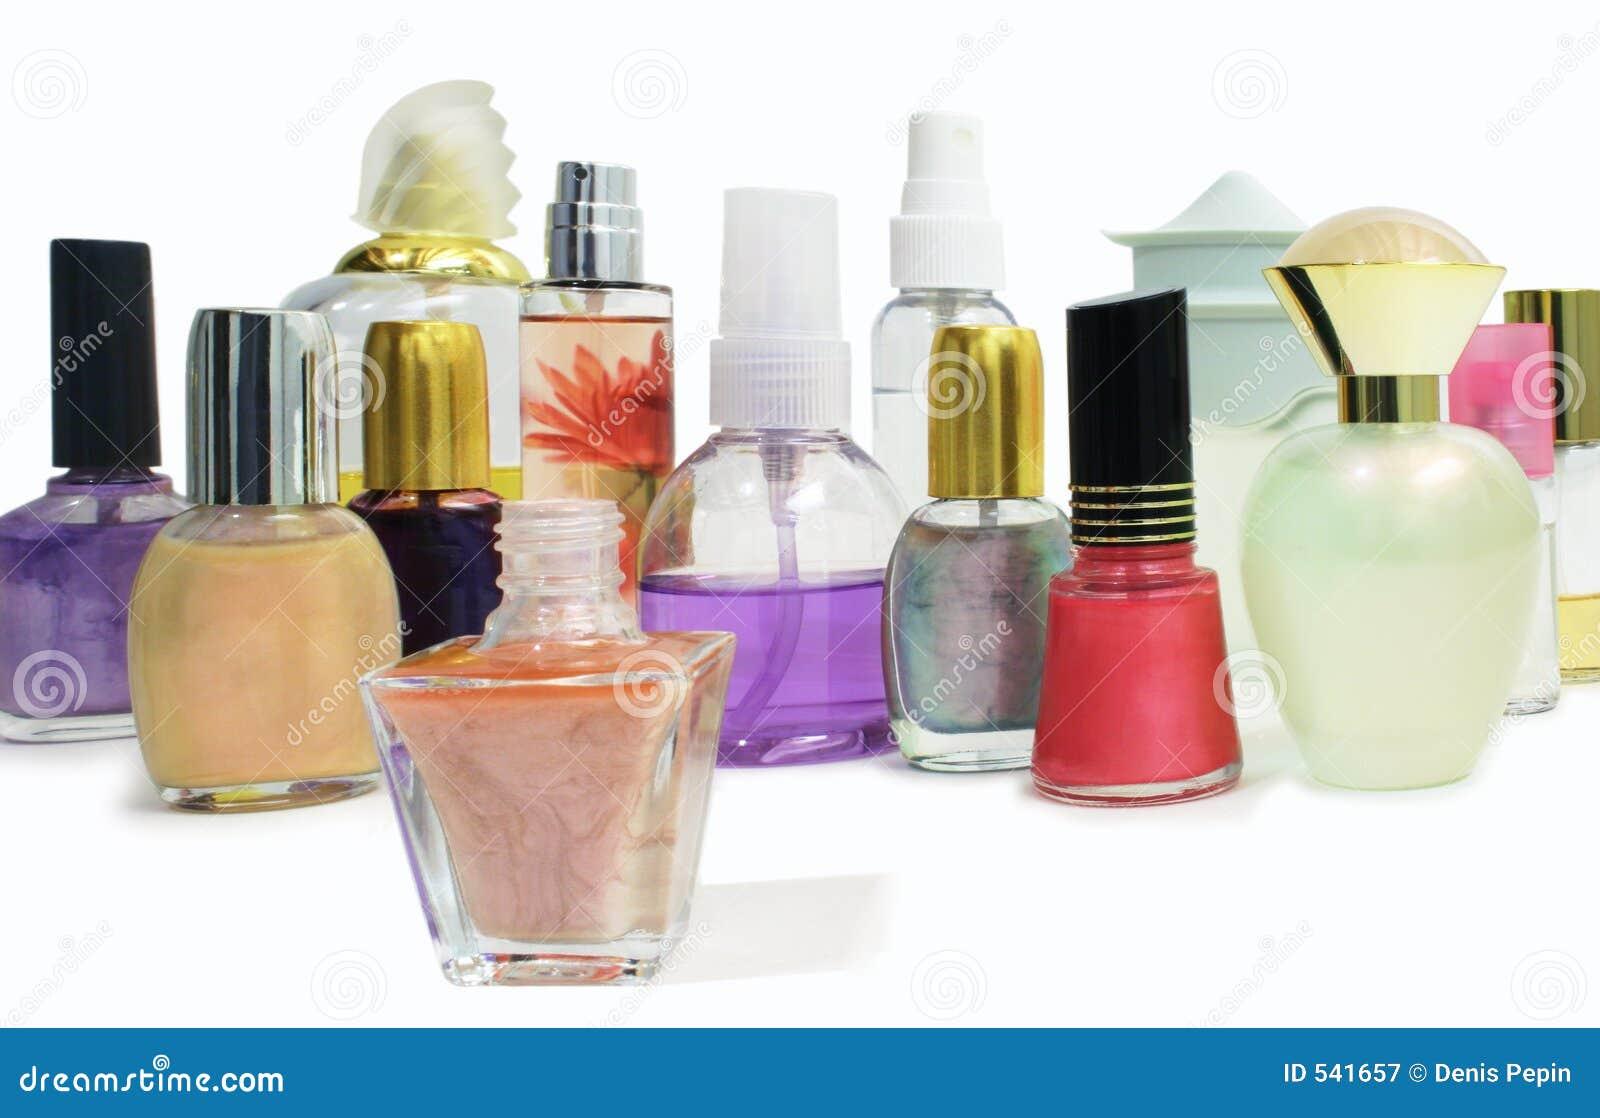 Download 1化妆用品 库存图片. 图片 包括有 波兰, 仍然, 光泽, 着色, 颜色, 科隆香水, 液体, 芬芳, 美化的 - 541657